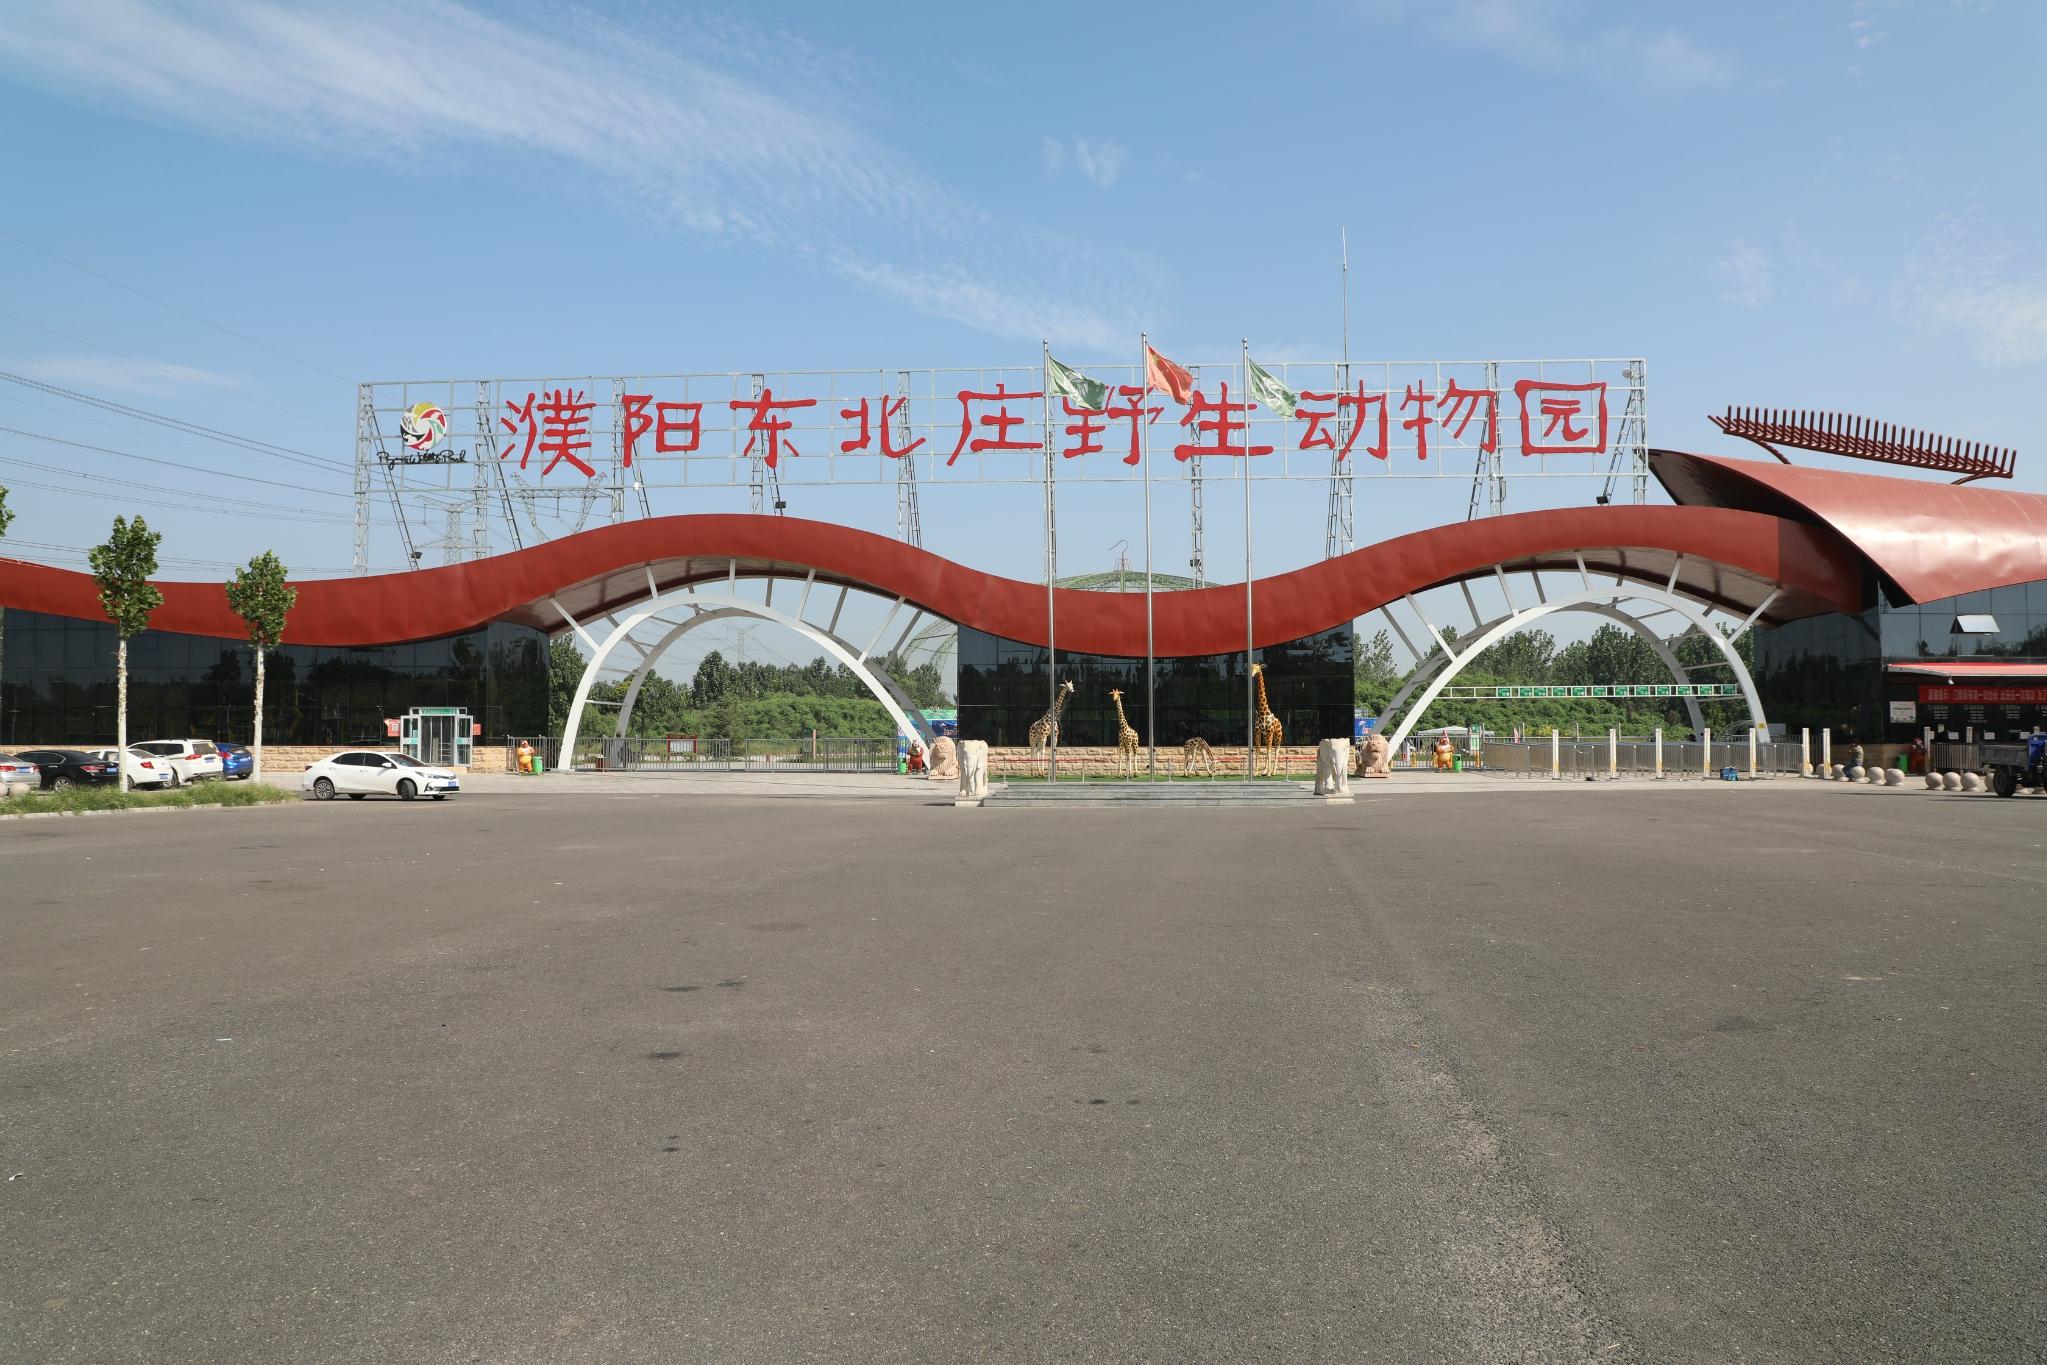 过年回乡了,濮阳人一定要到东北庄野生动物园来看看